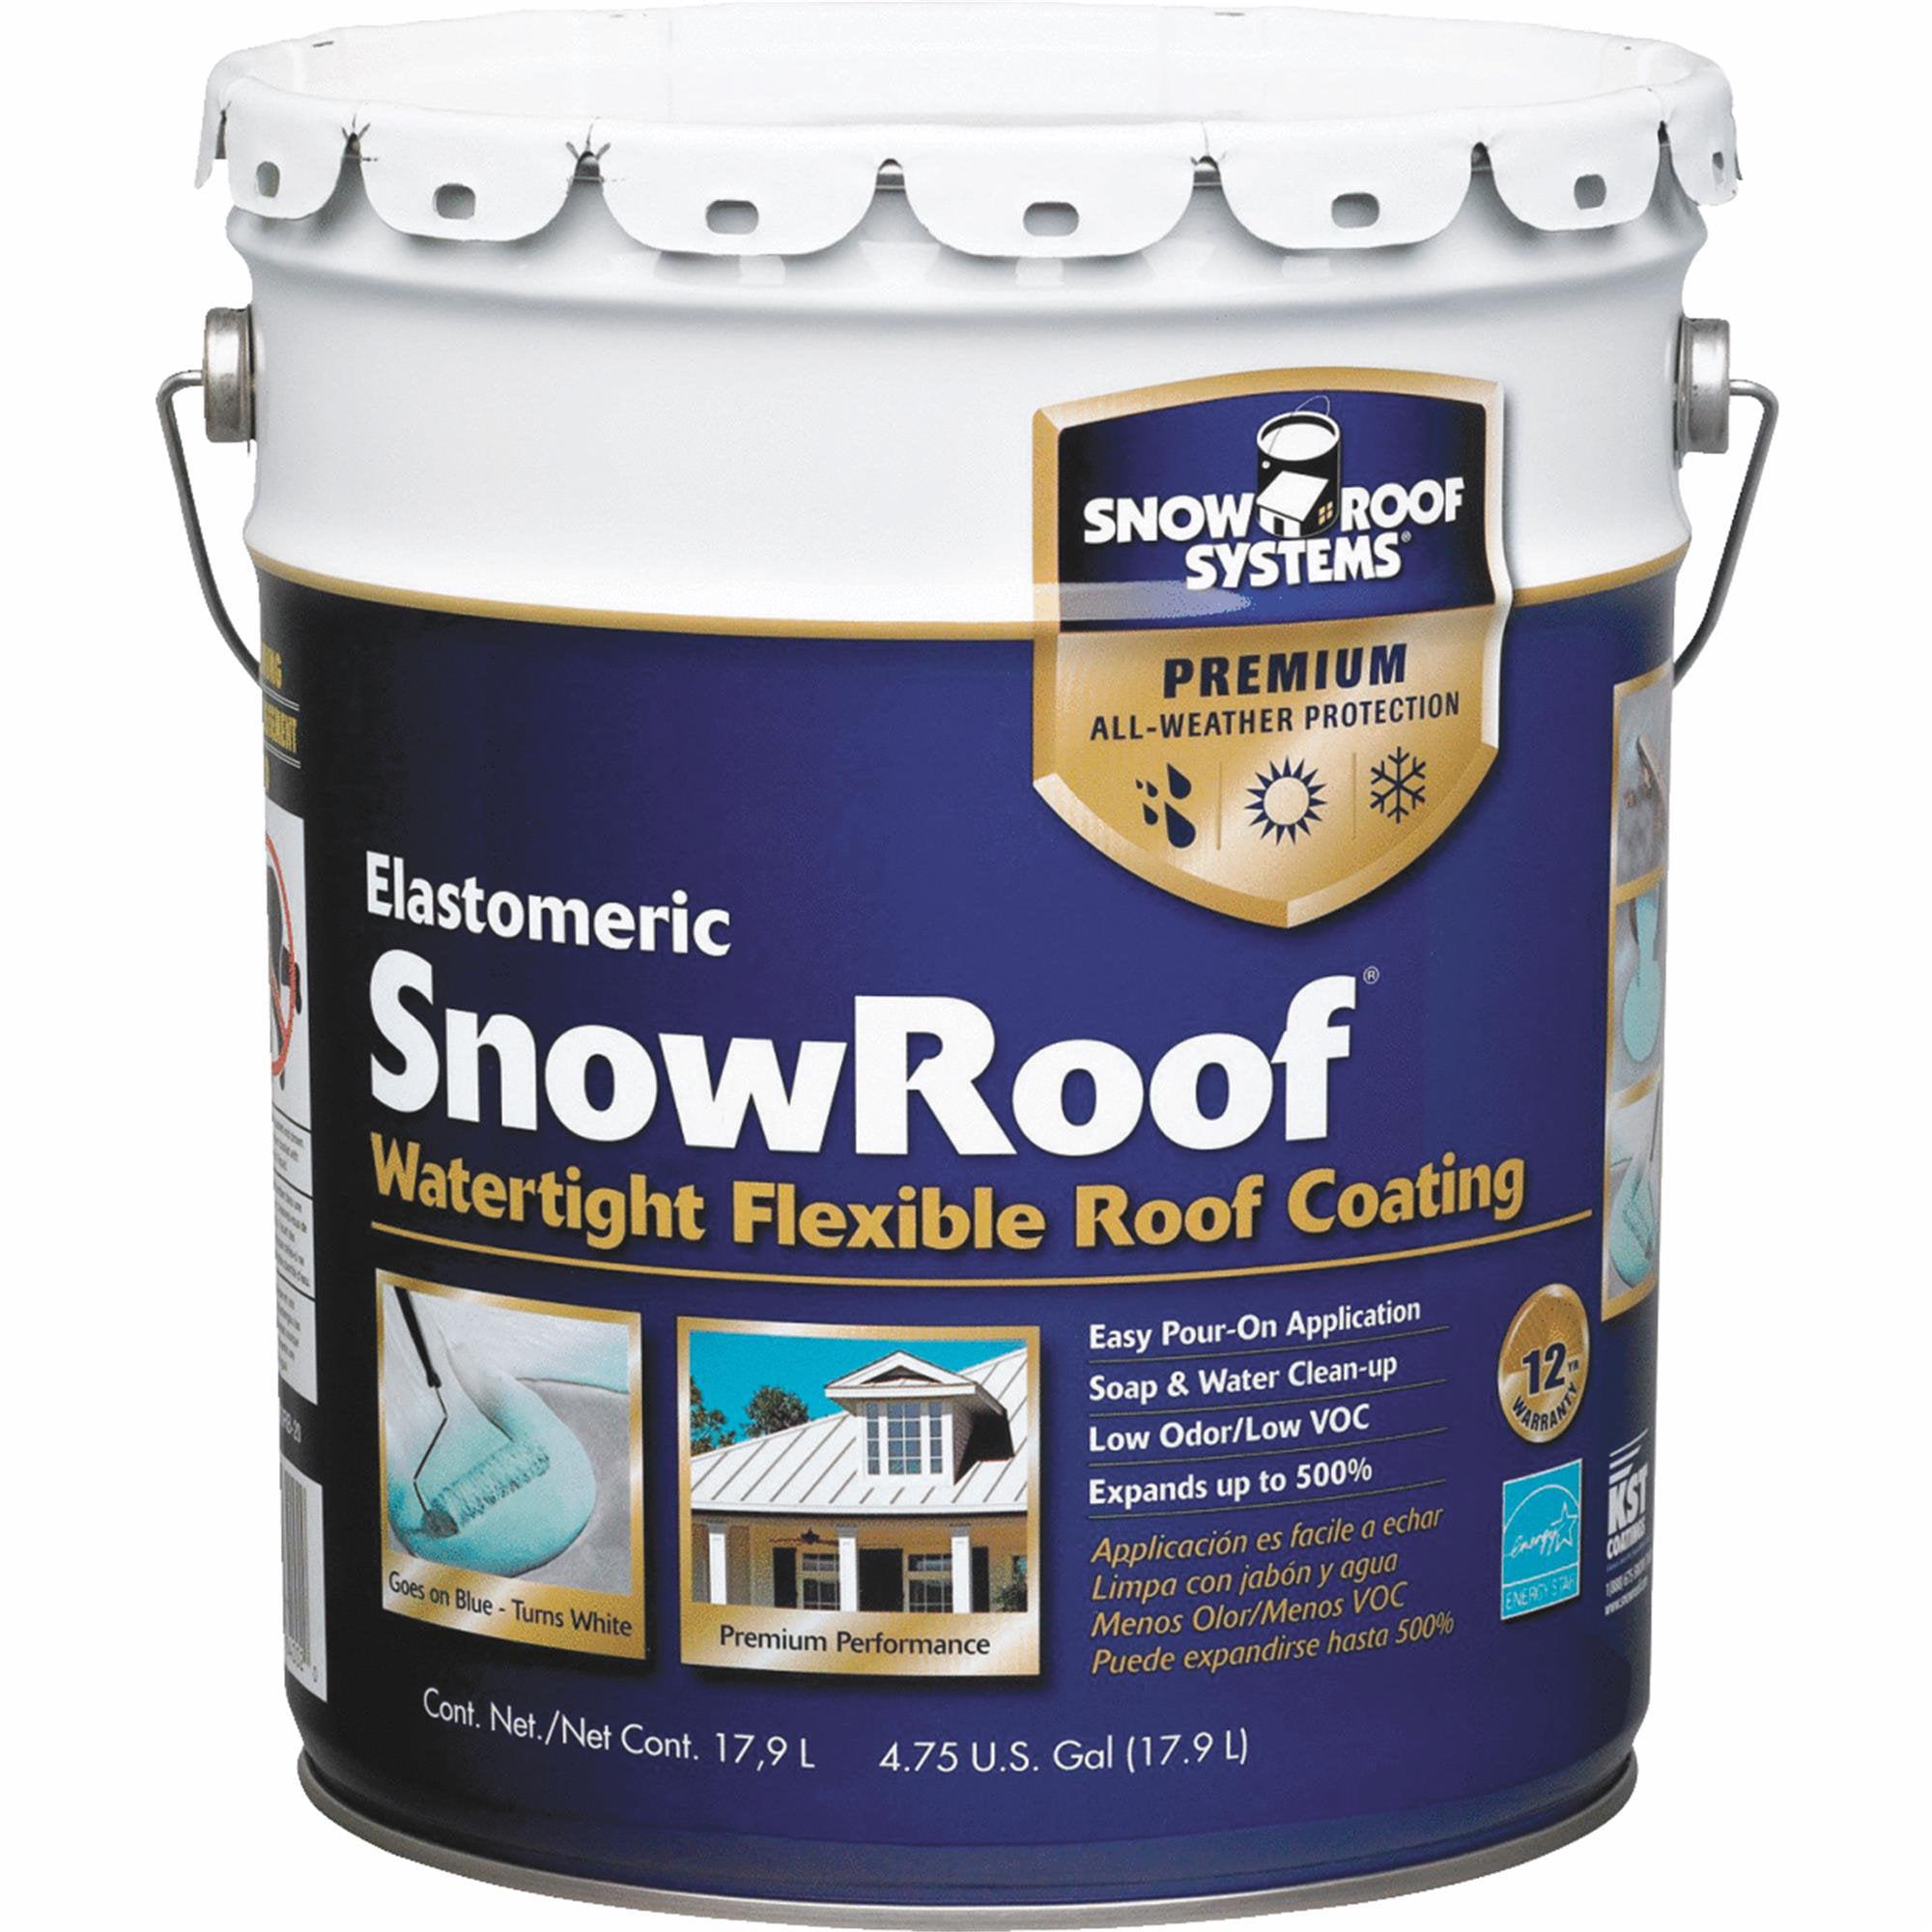 Premium Roof Coating,White,4.75 gal. KST COATINGS KST000SRB-20